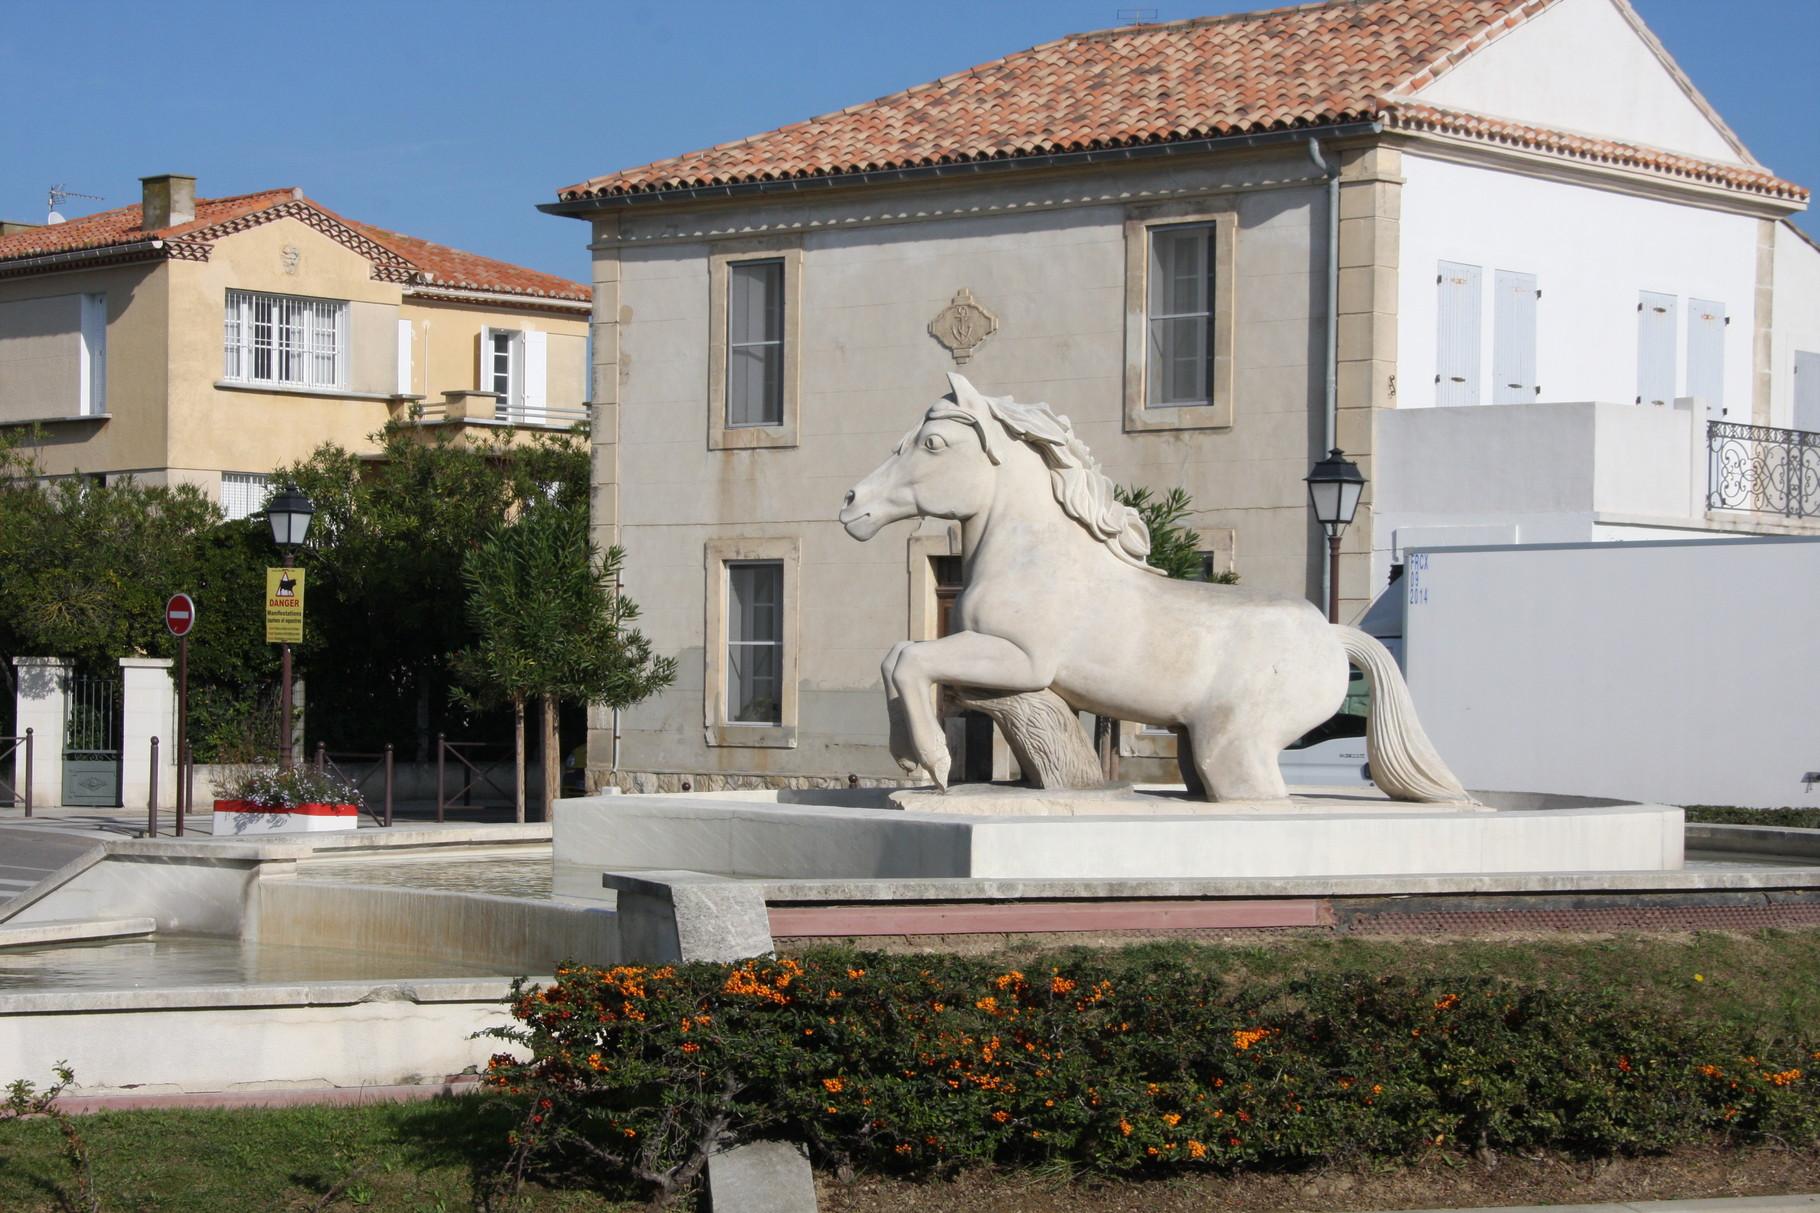 Bild: Denkmal für die Pferde der Camargue in Saintes-Maries-de-la-Mer